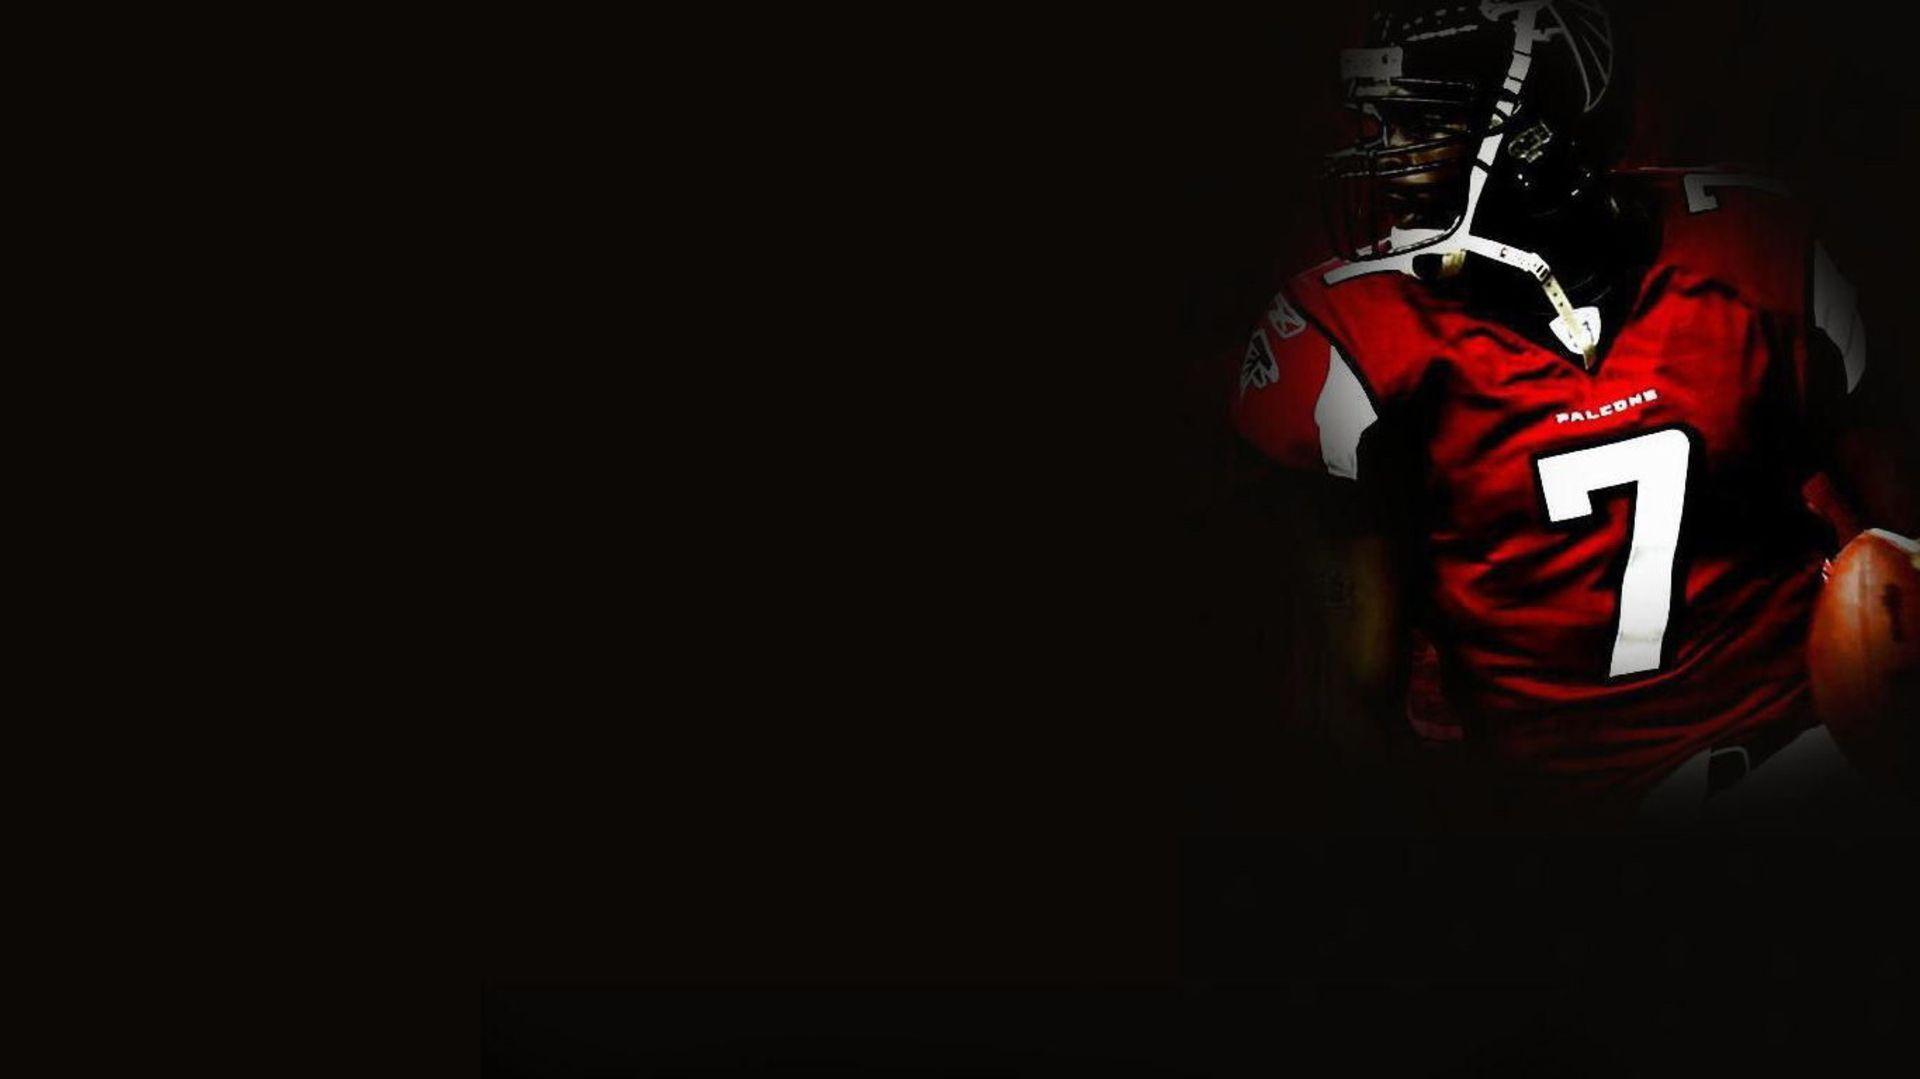 NFL Wallpaper 2014 HD | I HD Images